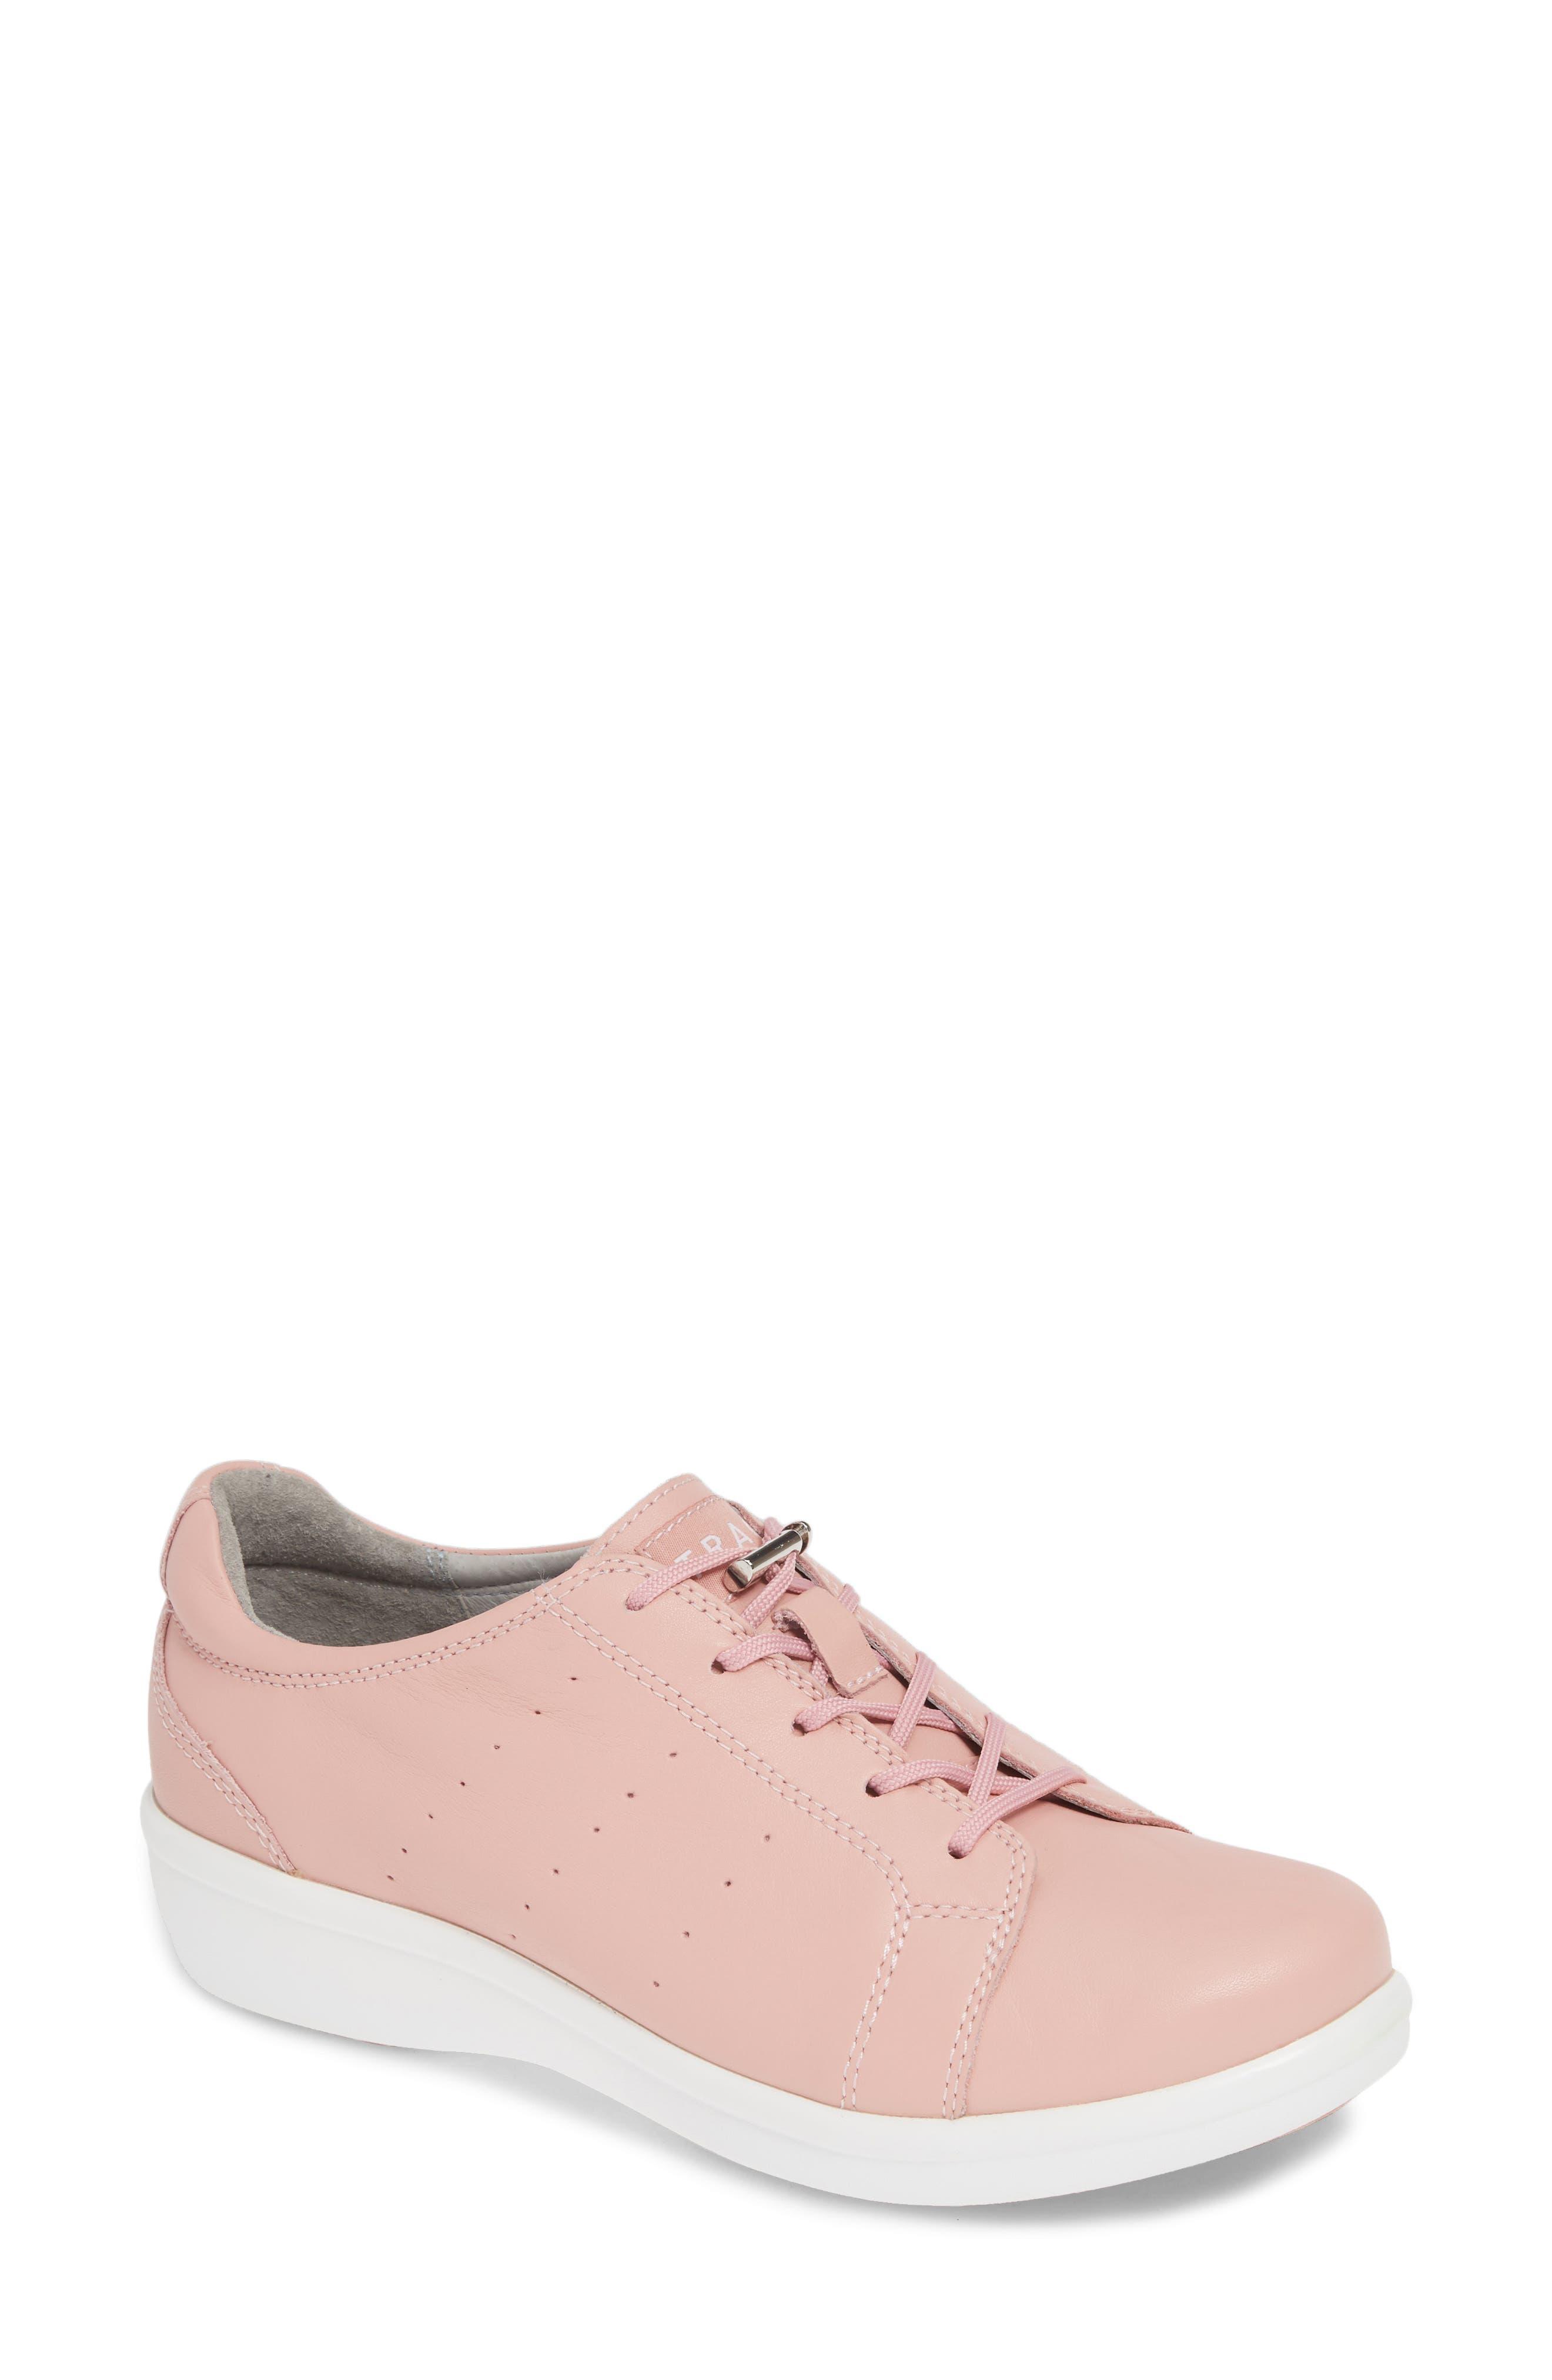 Alegria Cliq Sneaker, Pink